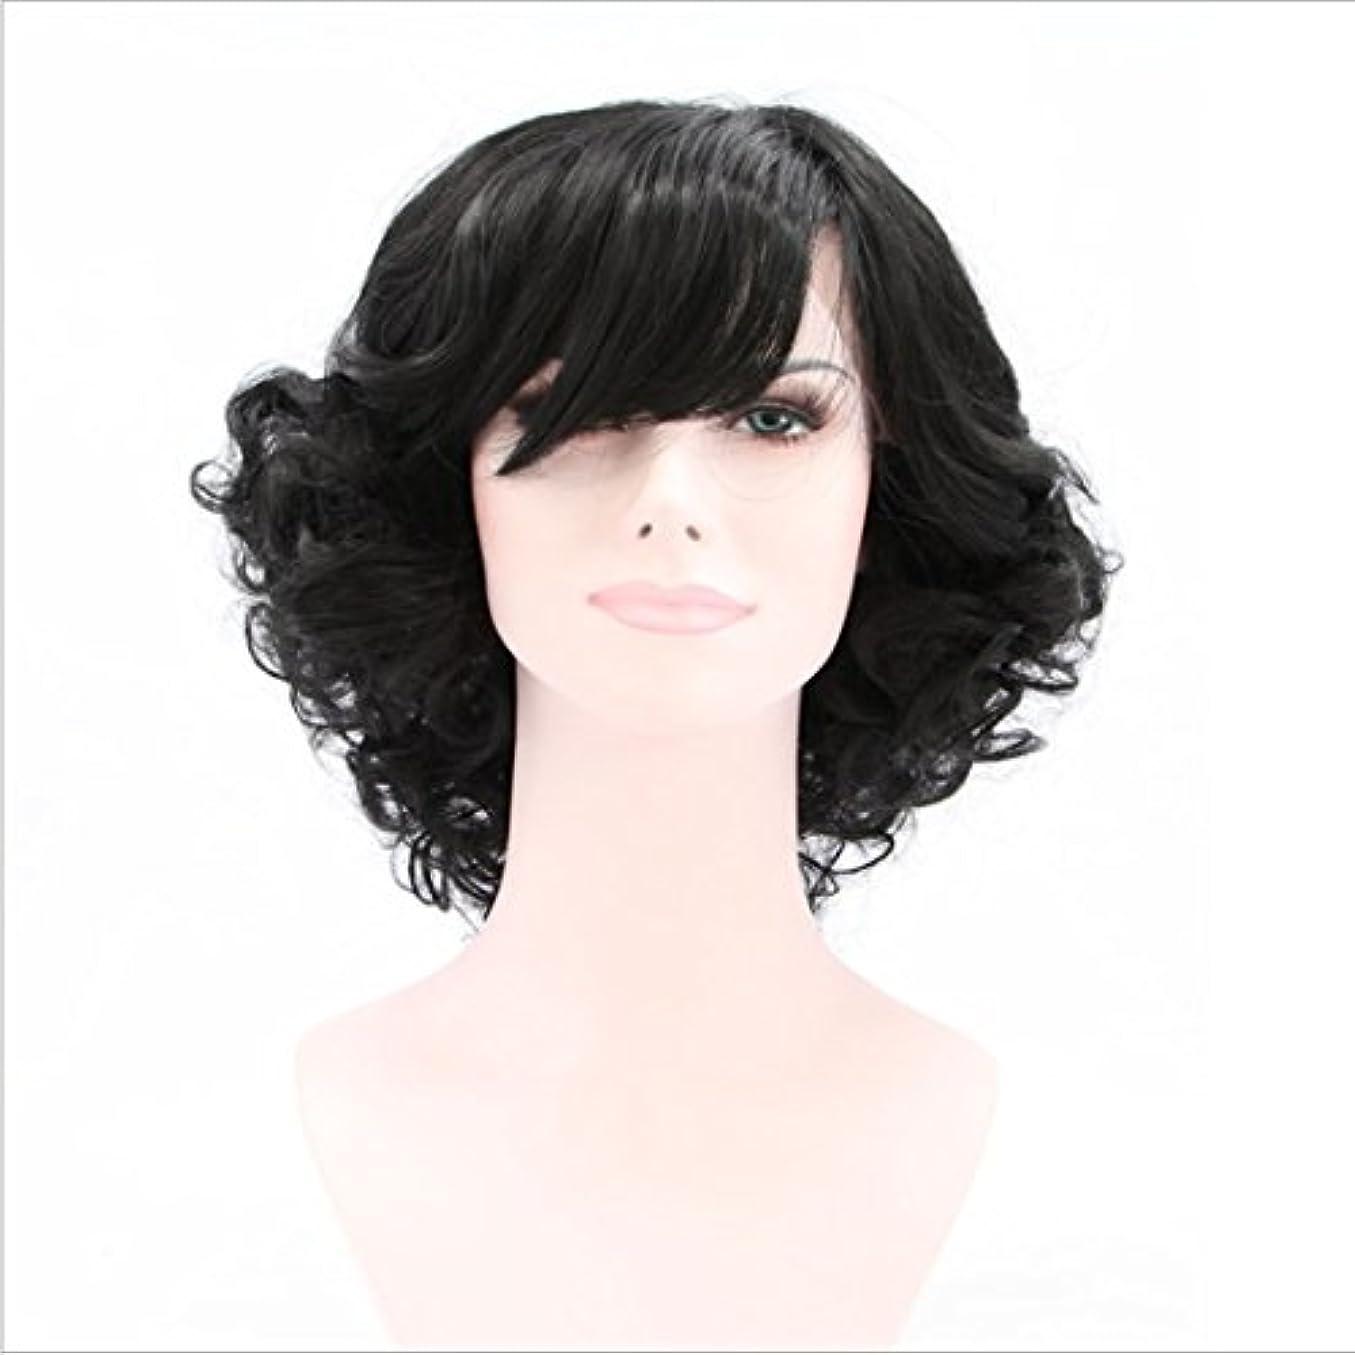 刈る却下するアマチュアYOUQIU フル?ハンドウィービングカーリーヘアウィッグのために斜め前髪ナチュラルブラックウィッグで高温シルク人工毛の女性のレースのフロント用ショートカーリーウィッグ (色 : 黒)